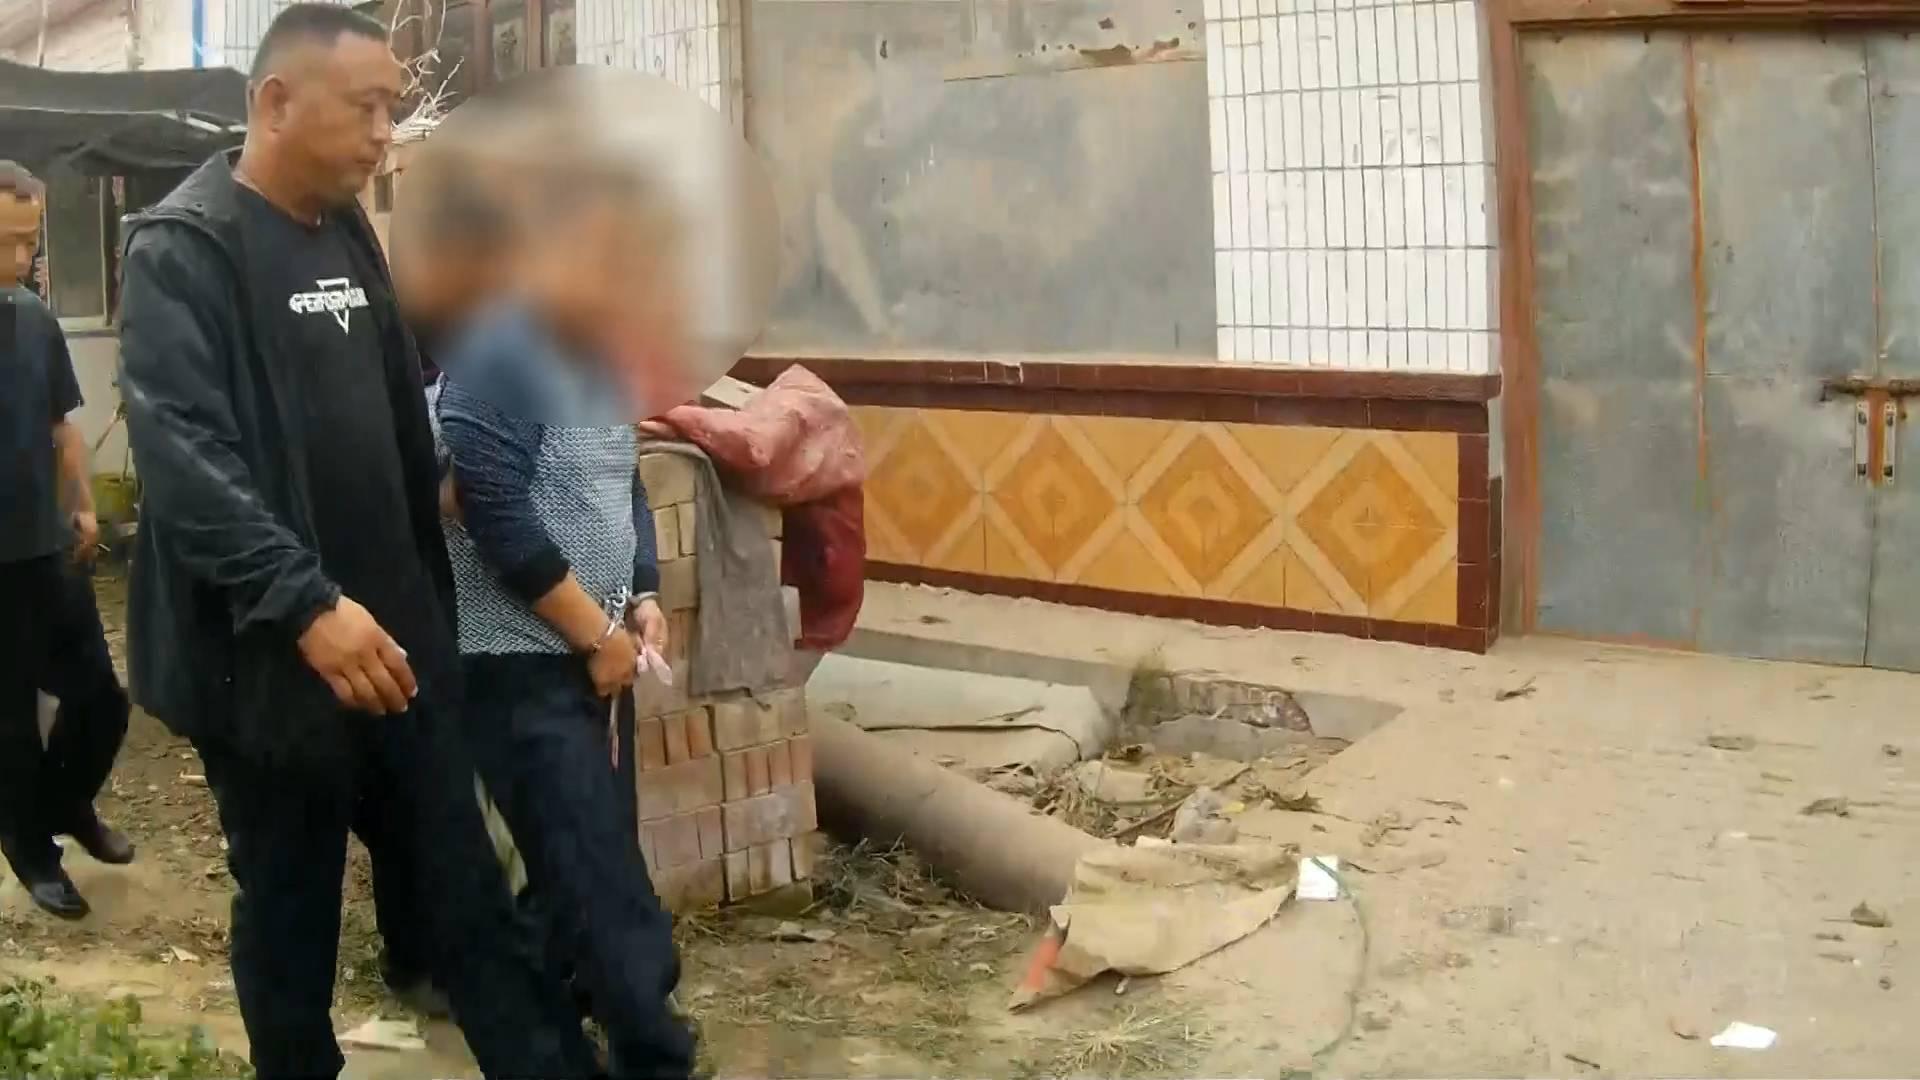 临清:因房屋排水积怨已久 男子杀害邻居潜逃17年后在广州落网